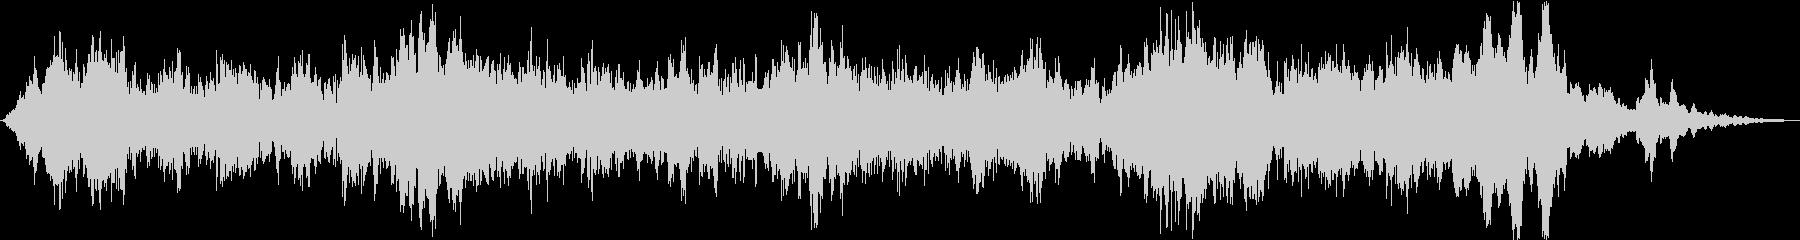 ドローン 必死のチューニング01の未再生の波形